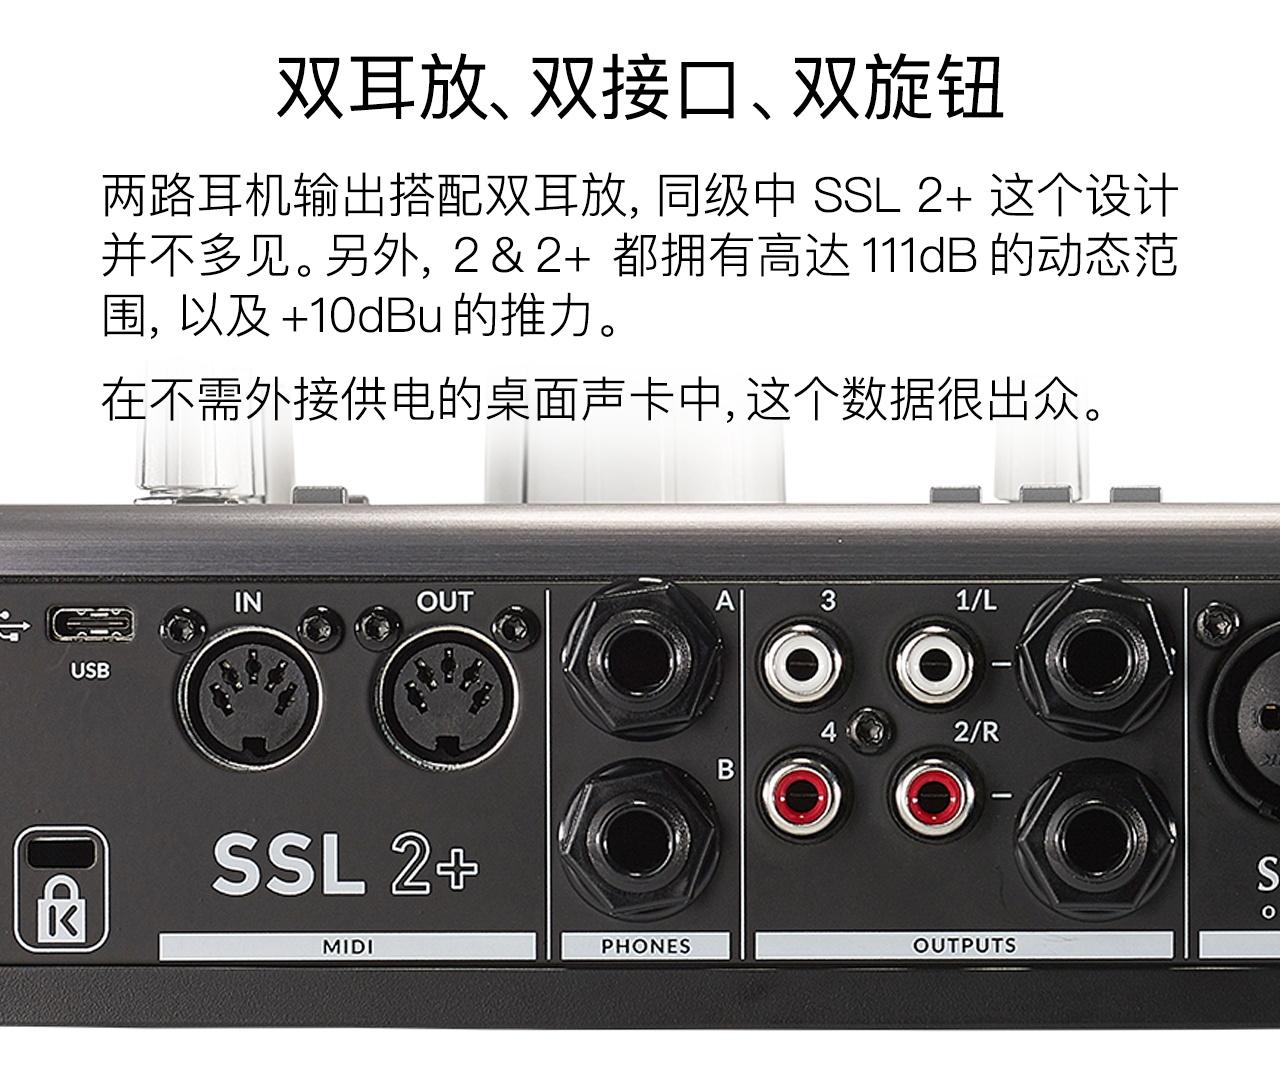 SSL_2 评测14.jpg